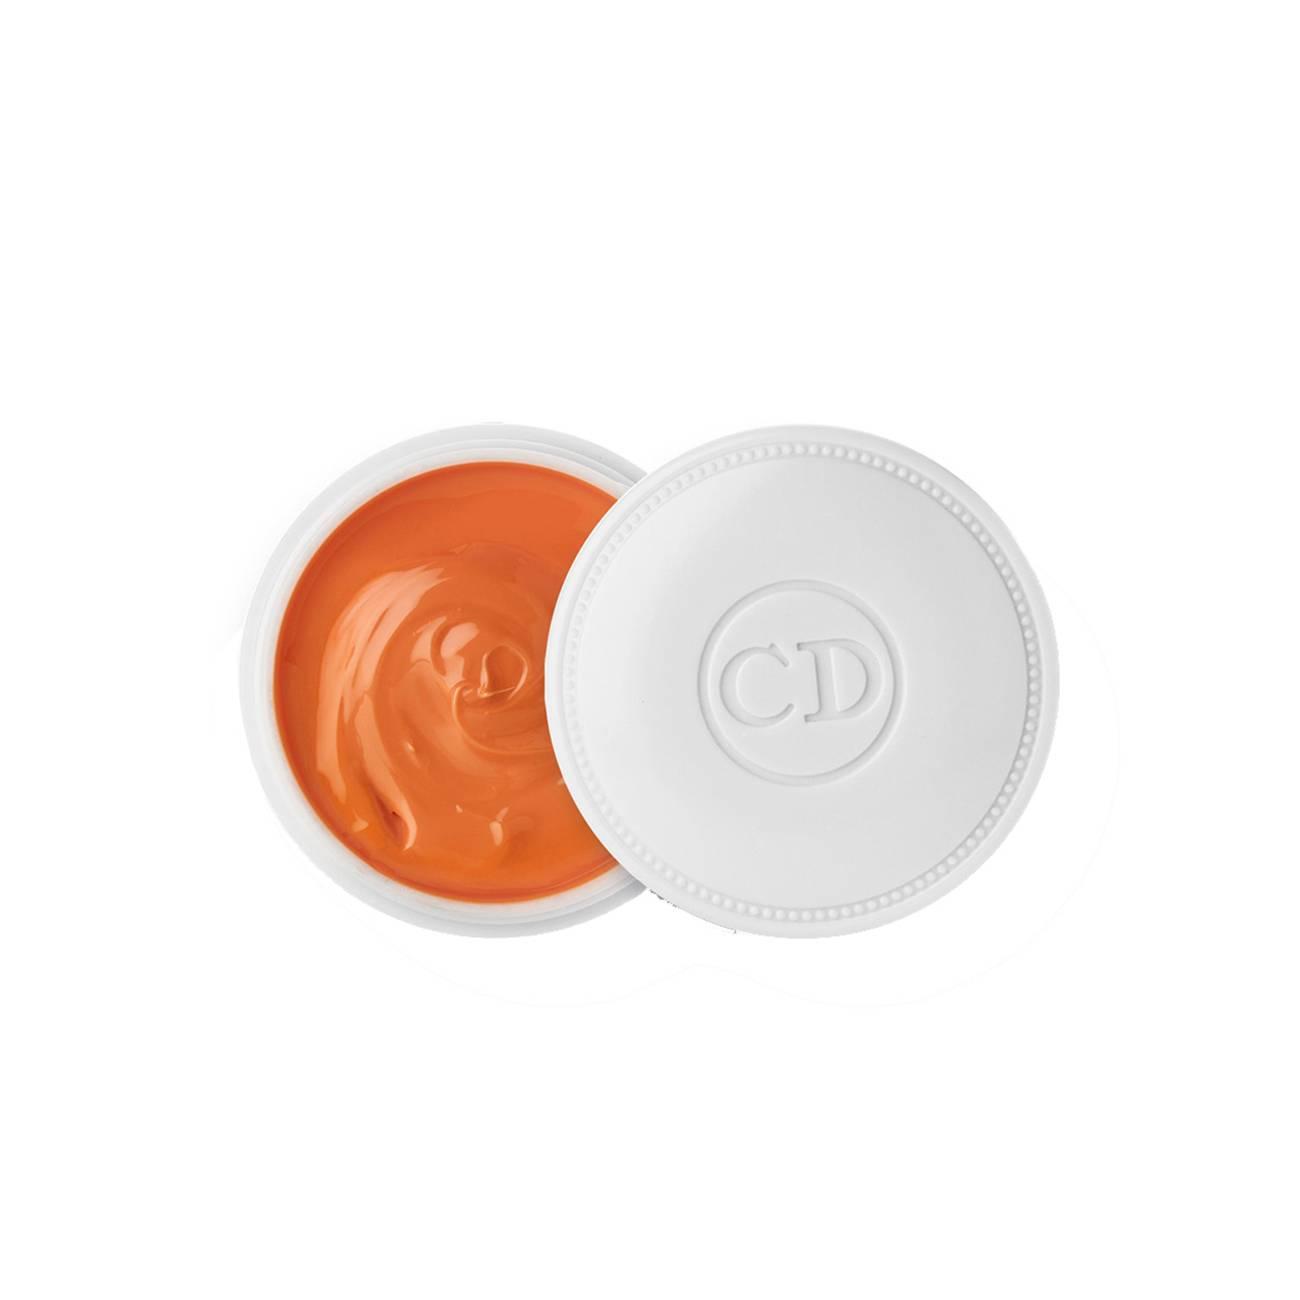 Creme Abricot 10 Grame Dior imagine 2021 bestvalue.eu